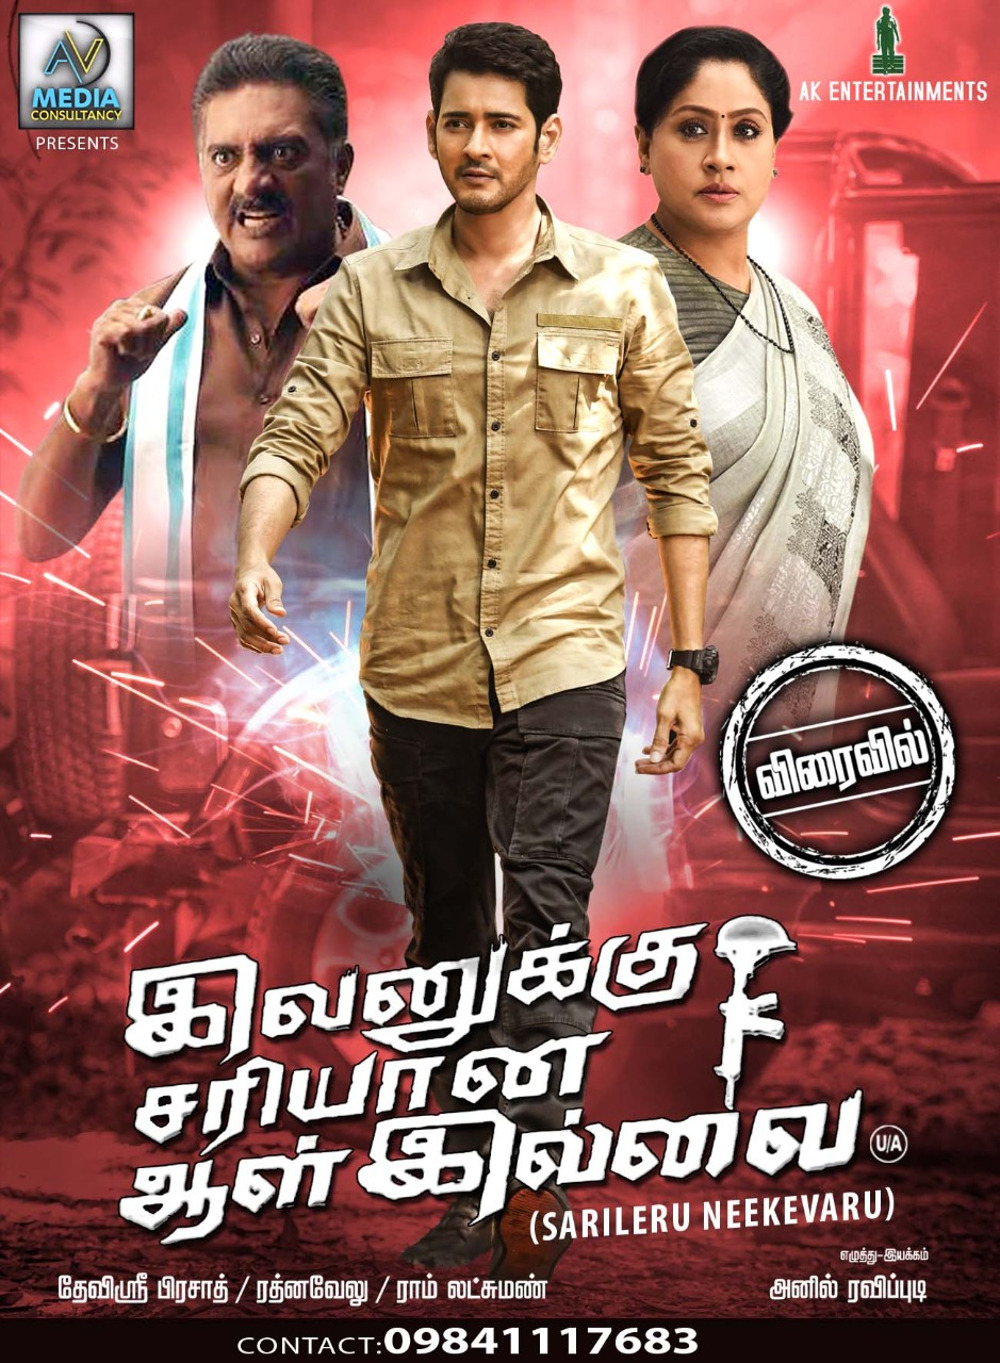 Mahesh Babu Ivanakku Sariyaana Aal Illai Movie First Look Poster